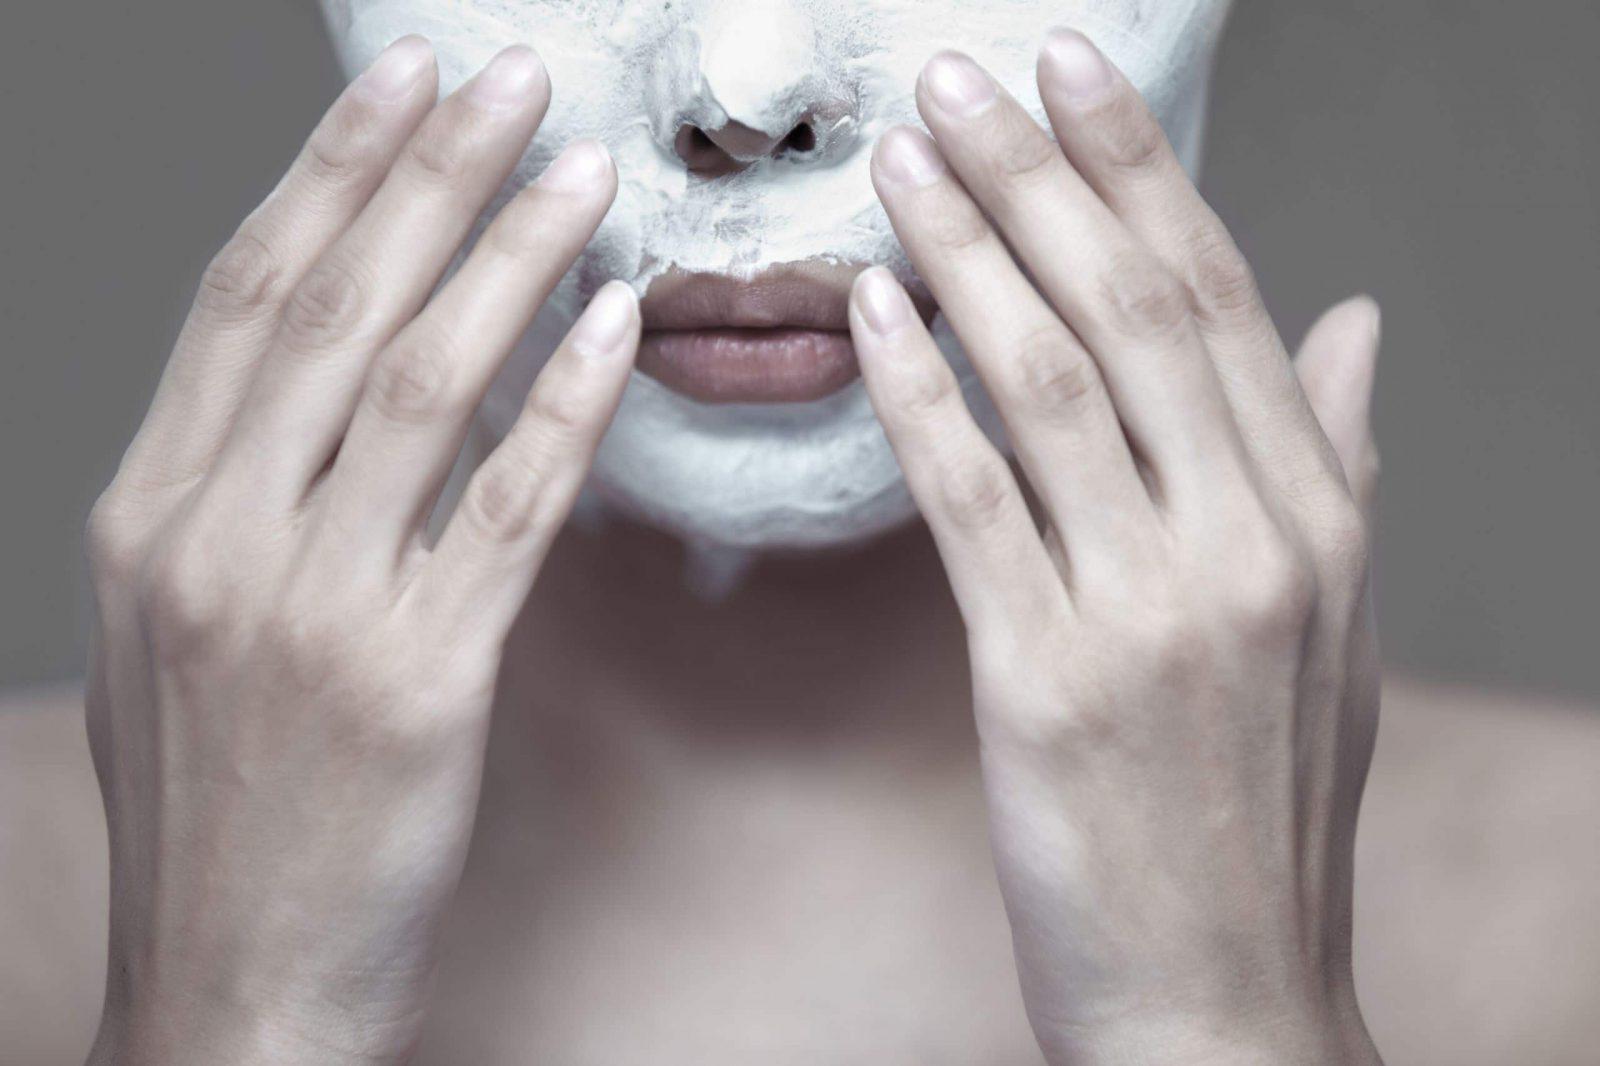 wykonywanie peelingu twarzy w domu